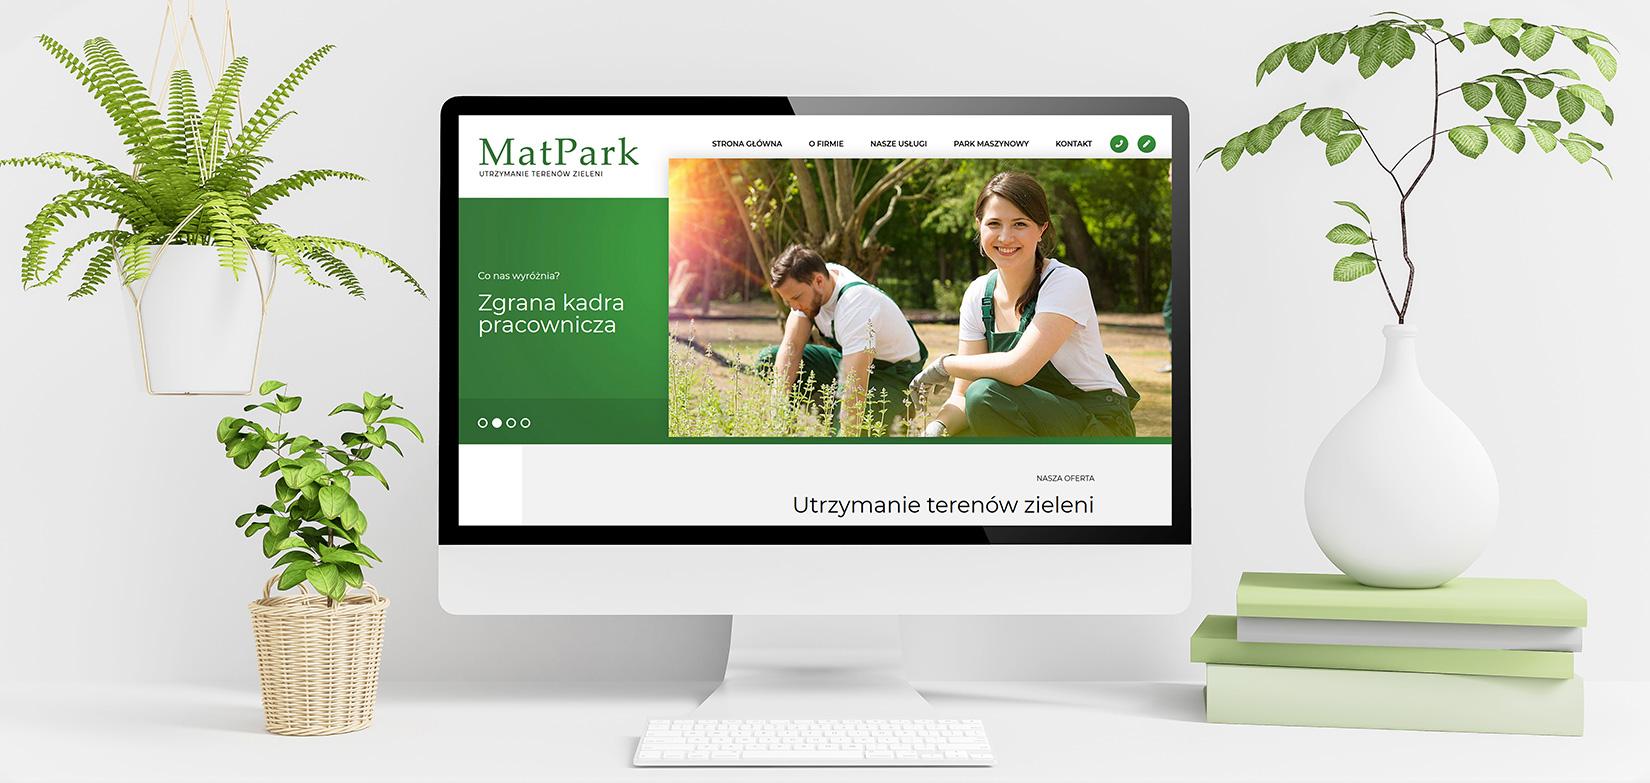 MatPark / <span>Utrzymanie terenów zielenii</span>